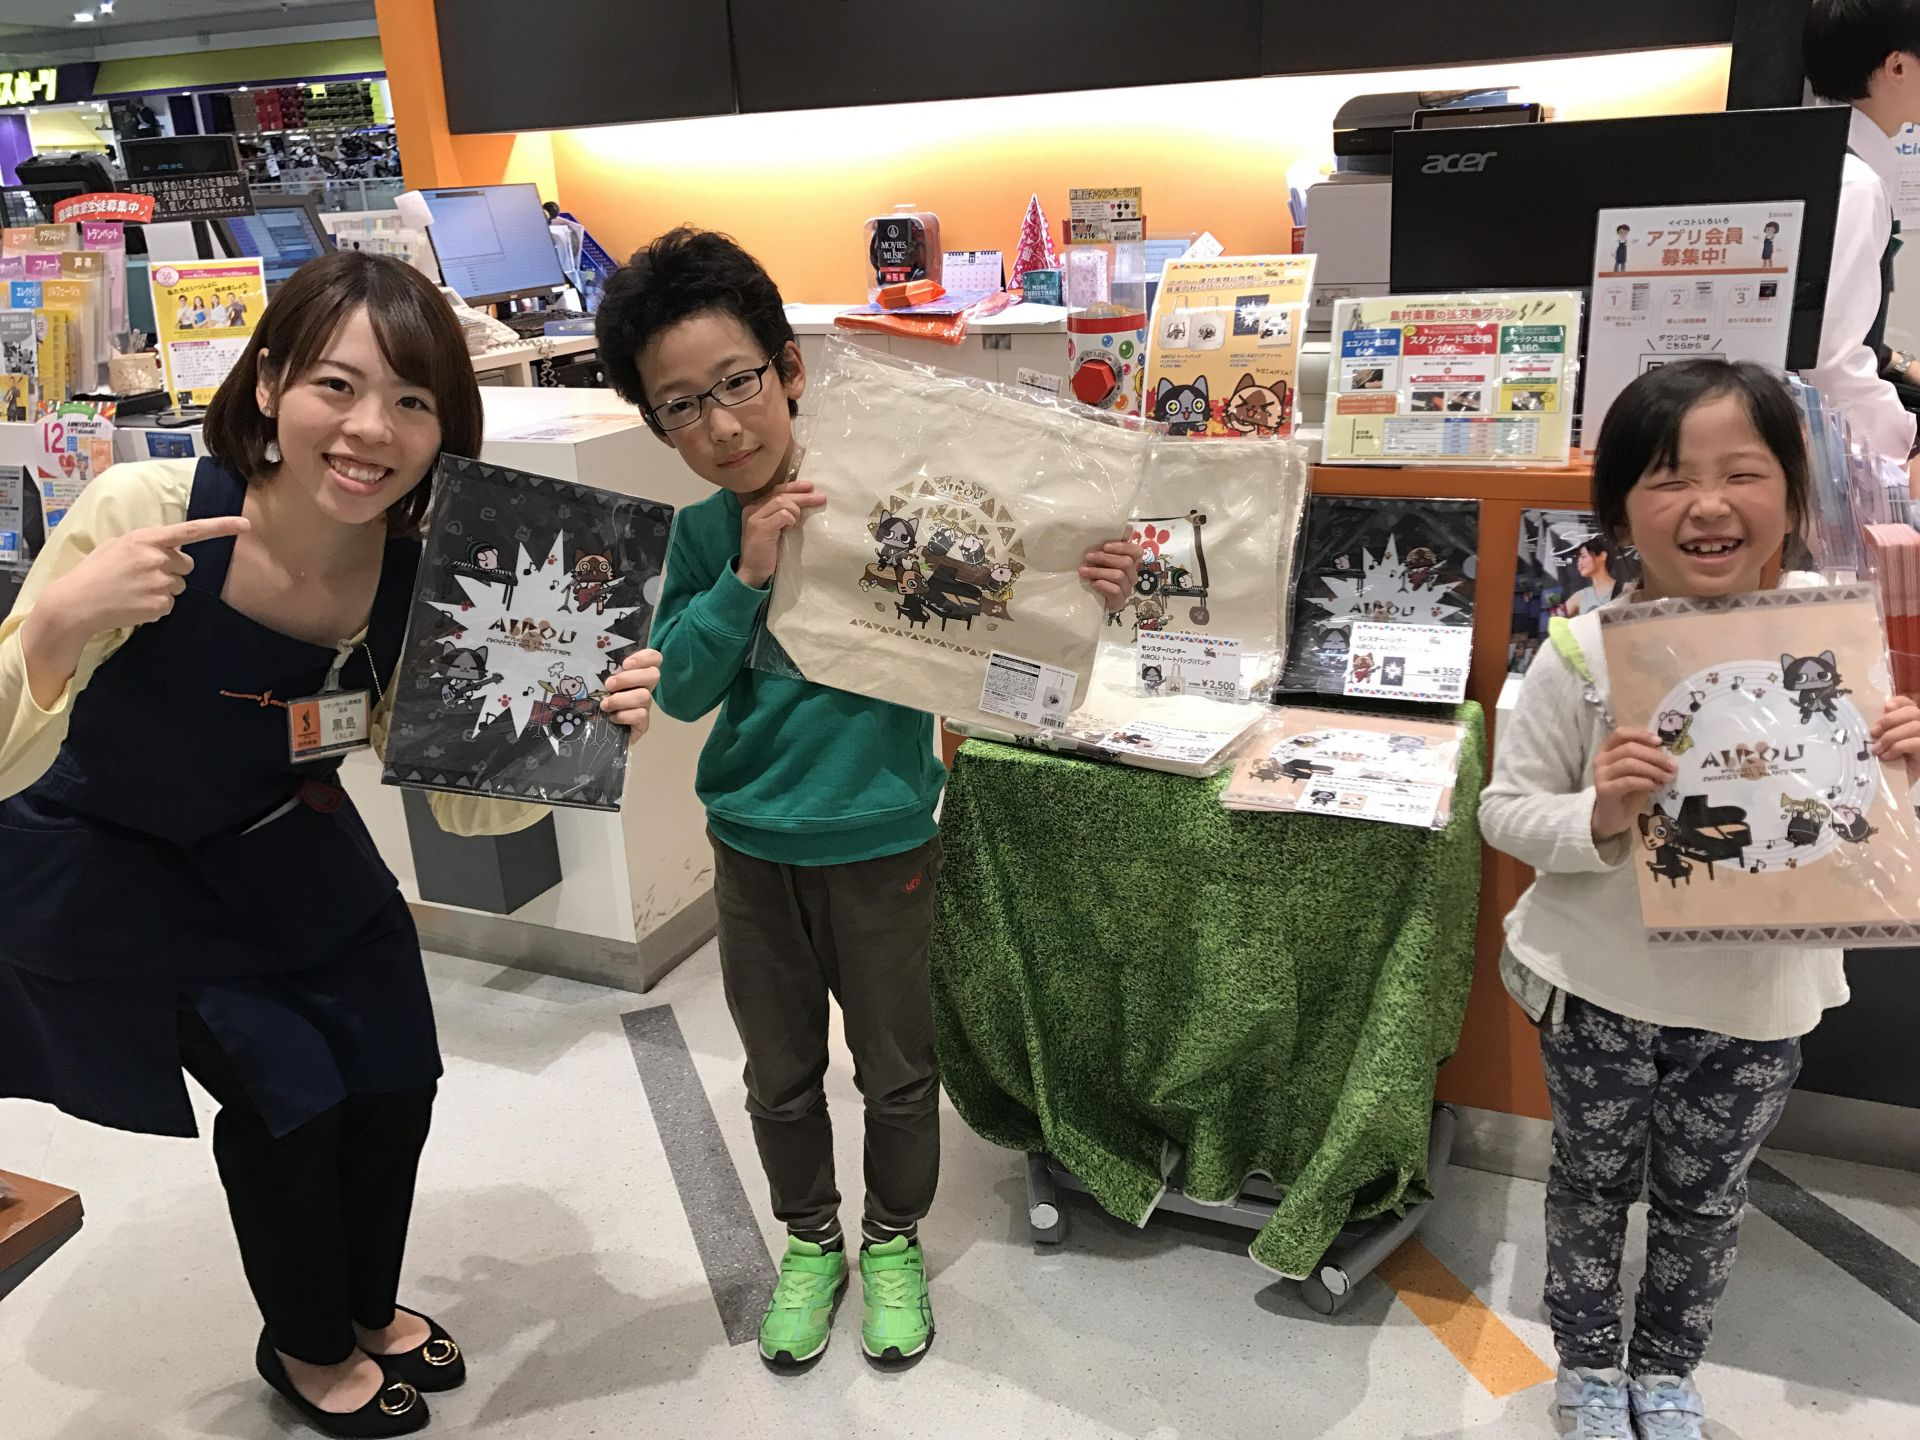 島村楽器イオンモール高崎店 モンスターハンター アイルー コラボレーション ファイル バッグ